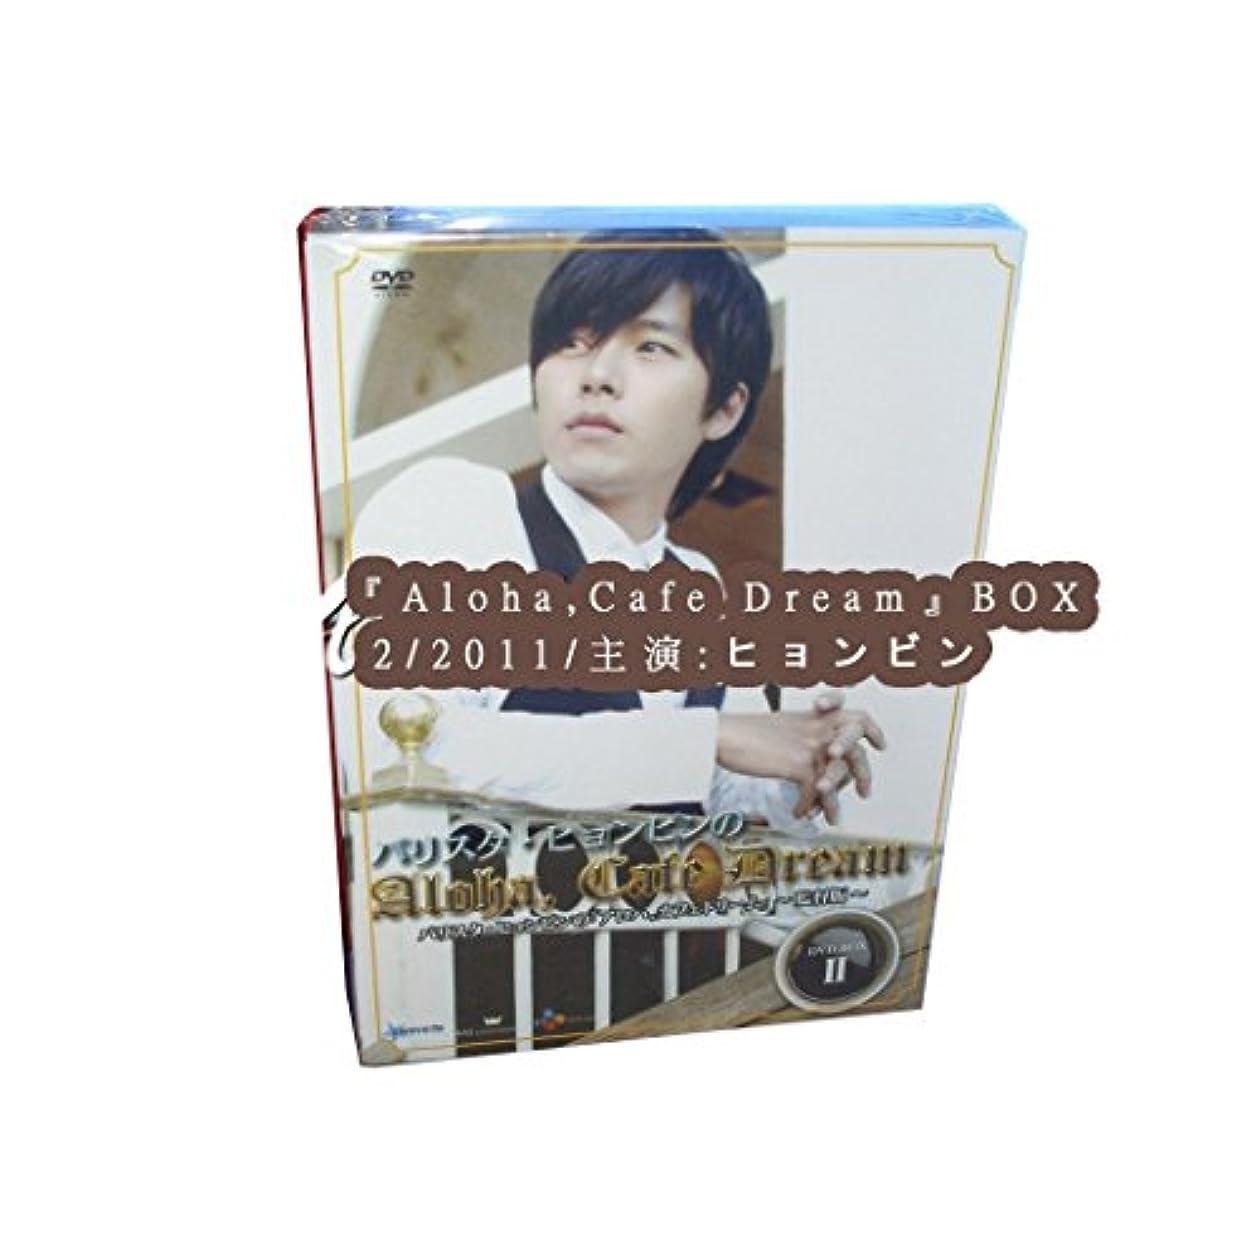 航空機地図一時解雇する『Aloha,Cafe Dream』 BOX 2 2011 主演: ヒョンビン